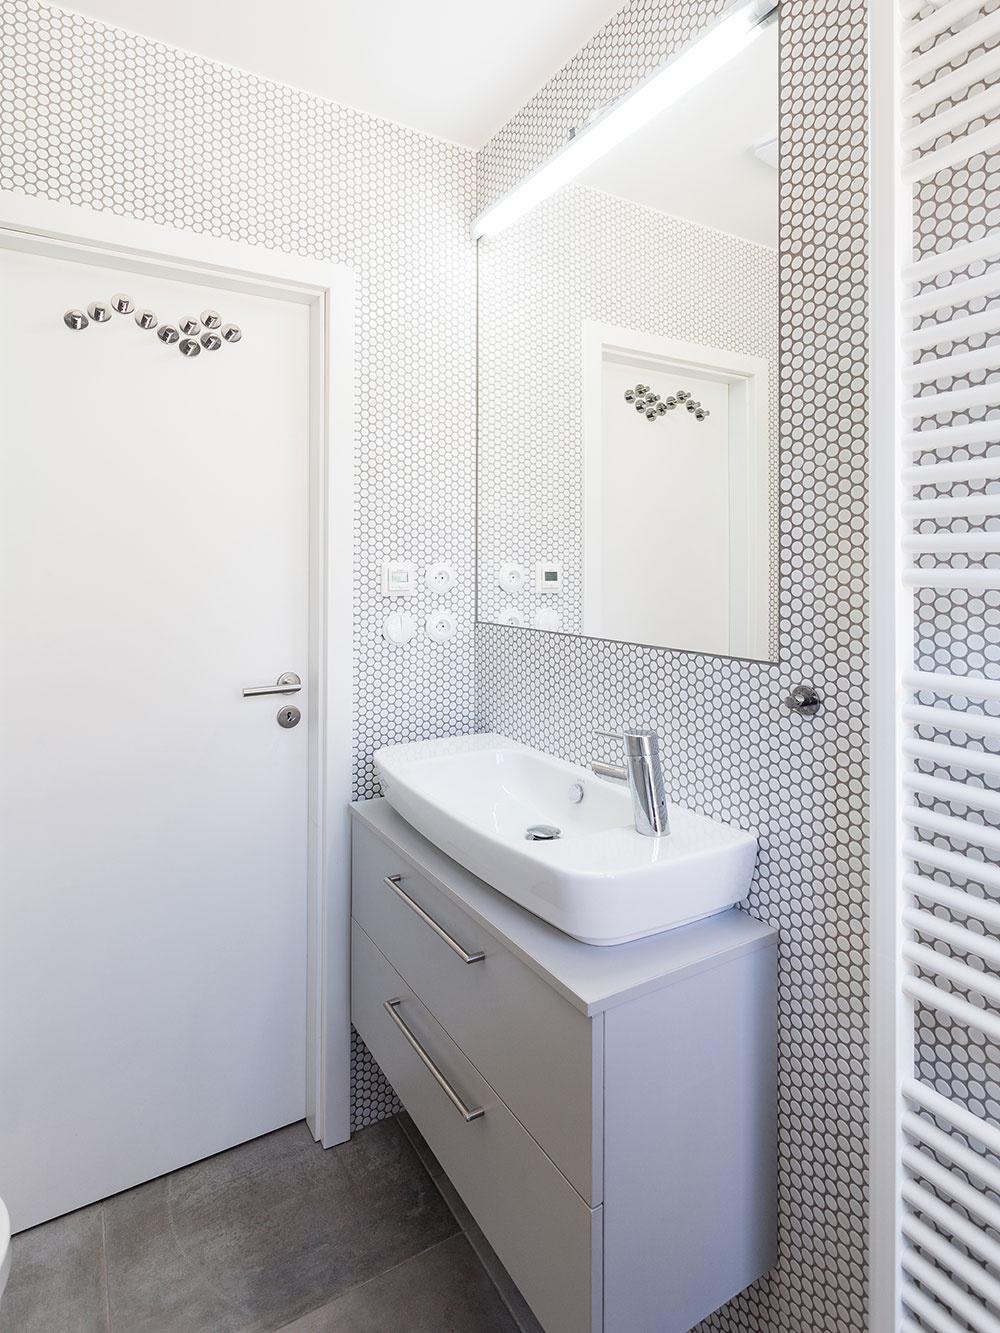 Štýlový minibyt na 25 metroch štvorcových: Čo všetko do jednej miestnosti vojde?